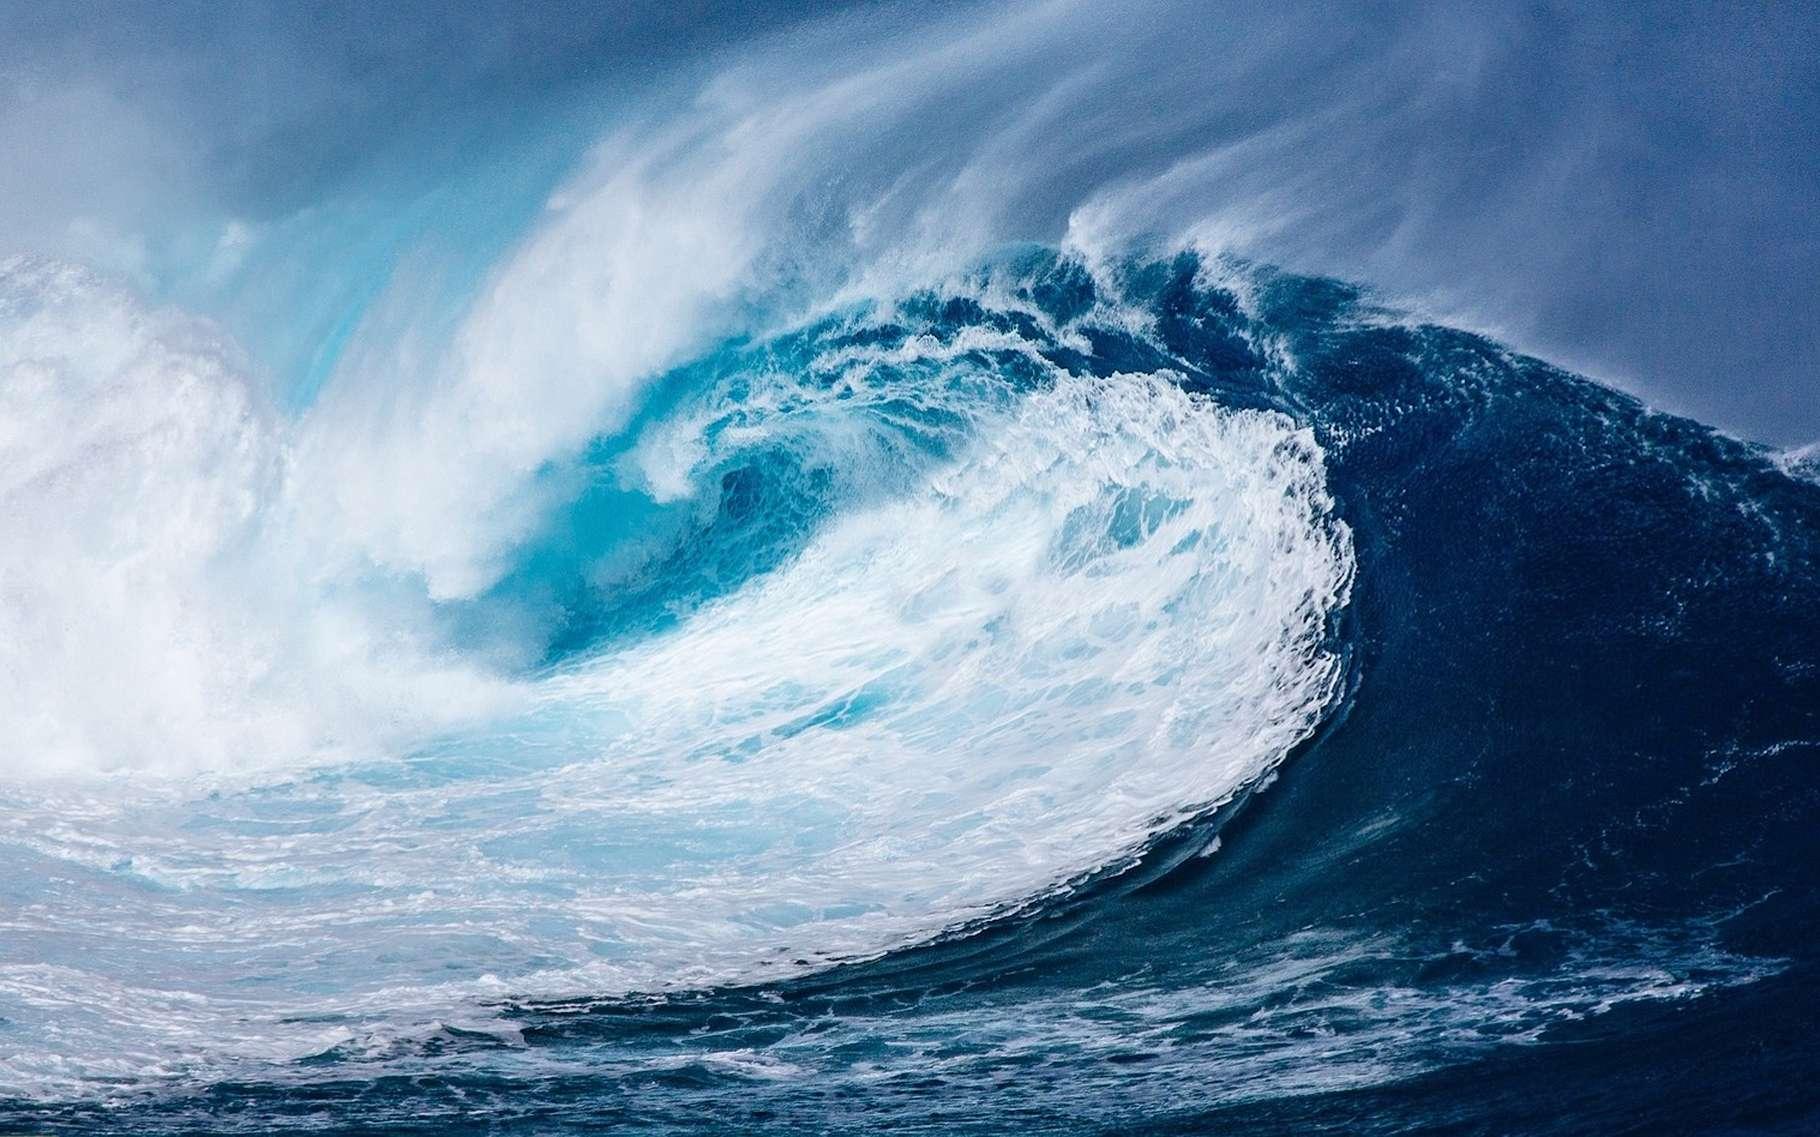 La vague Draupner est l'une des premières observations confirmées d'une vague scélérate. © NeuPaddy, Pixabay, CC0 Creative Commons